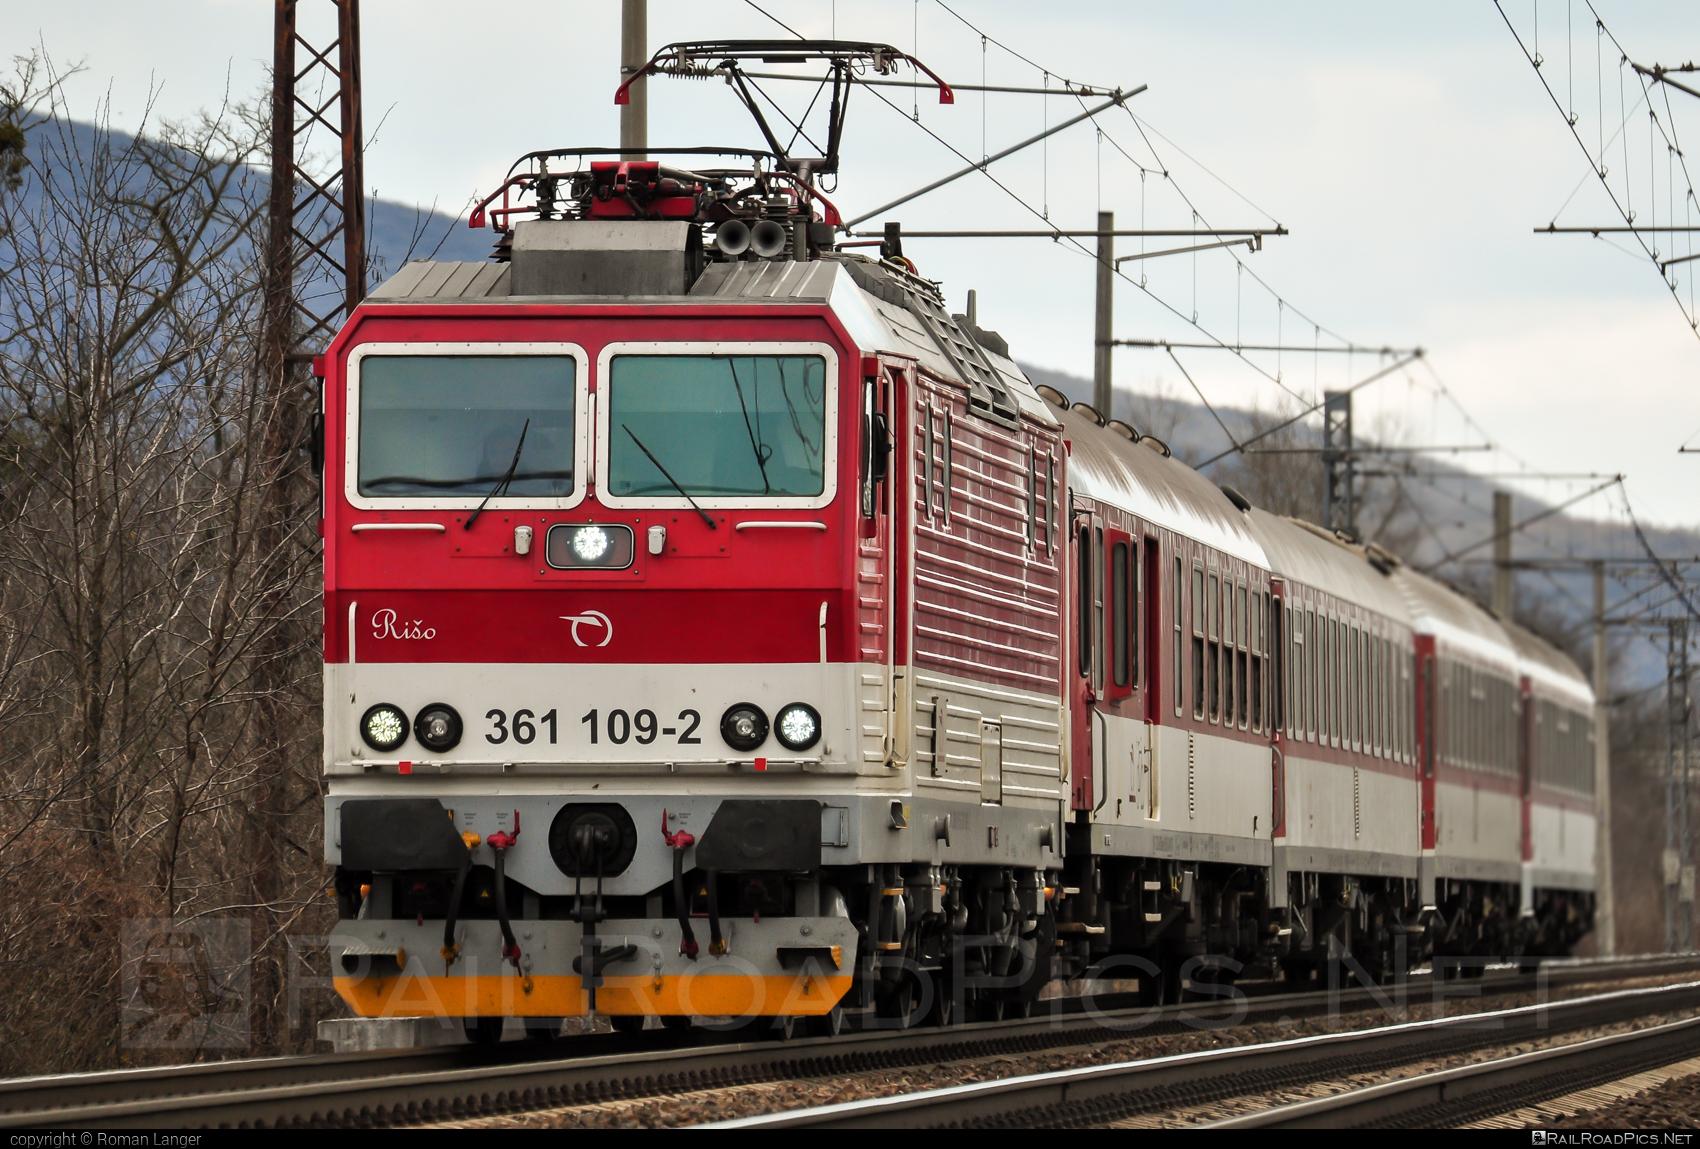 ŽOS Vrútky Class 361.1 - 361 109-2 operated by Železničná Spoločnost' Slovensko, a.s. #ZeleznicnaSpolocnostSlovensko #locomotive361 #locomotive3611 #zosvrutky #zssk